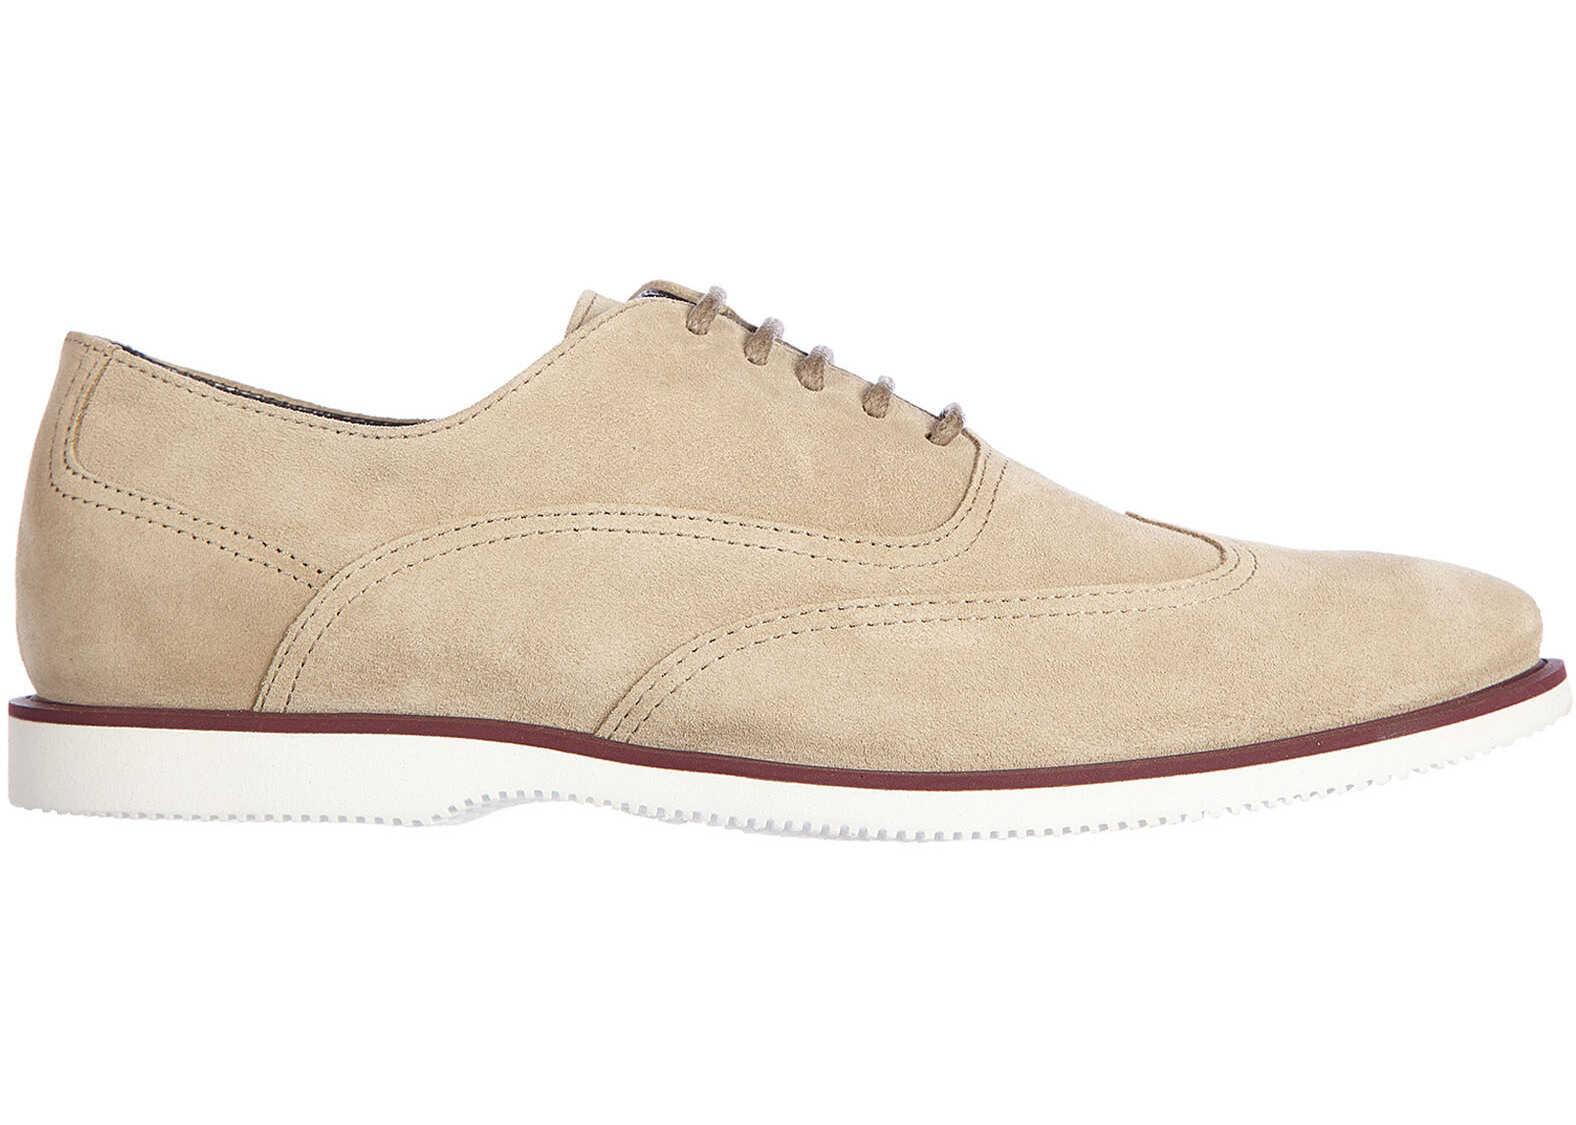 Pantofi Barbati Hogan Suede Oxford H 262 Francesin